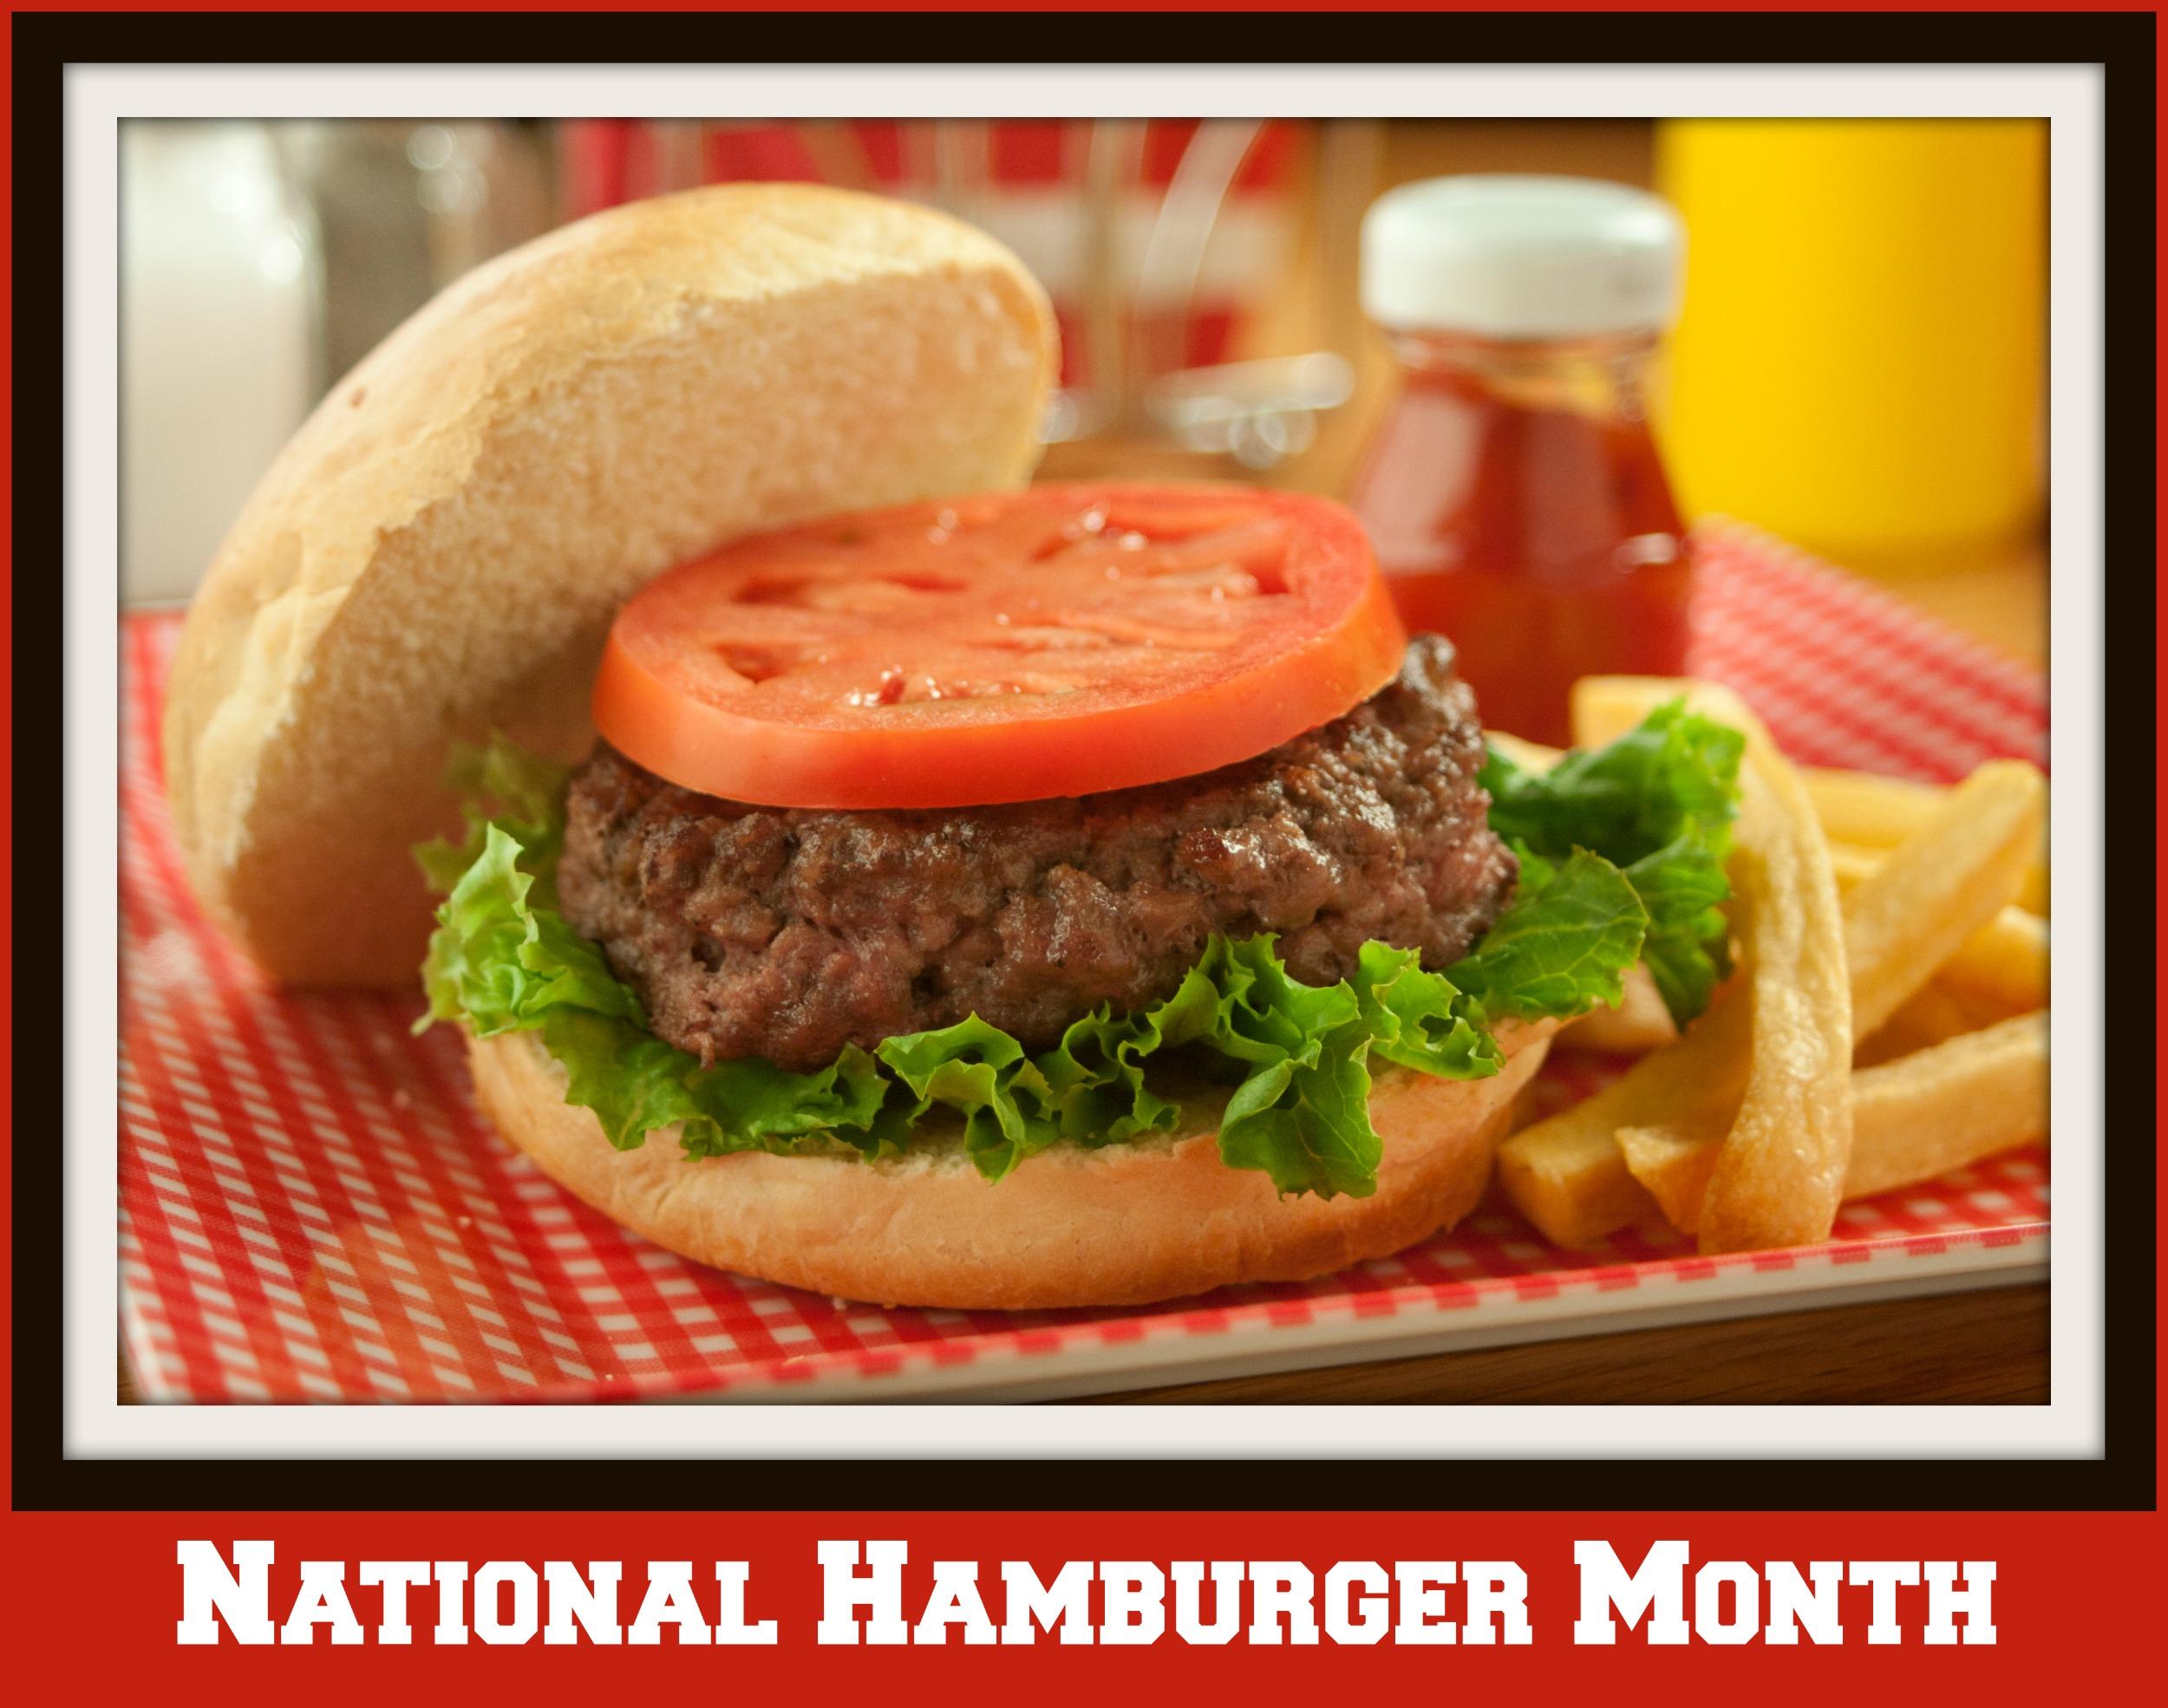 national hamburger month easy hamburger recipes mr food 39 s blog. Black Bedroom Furniture Sets. Home Design Ideas